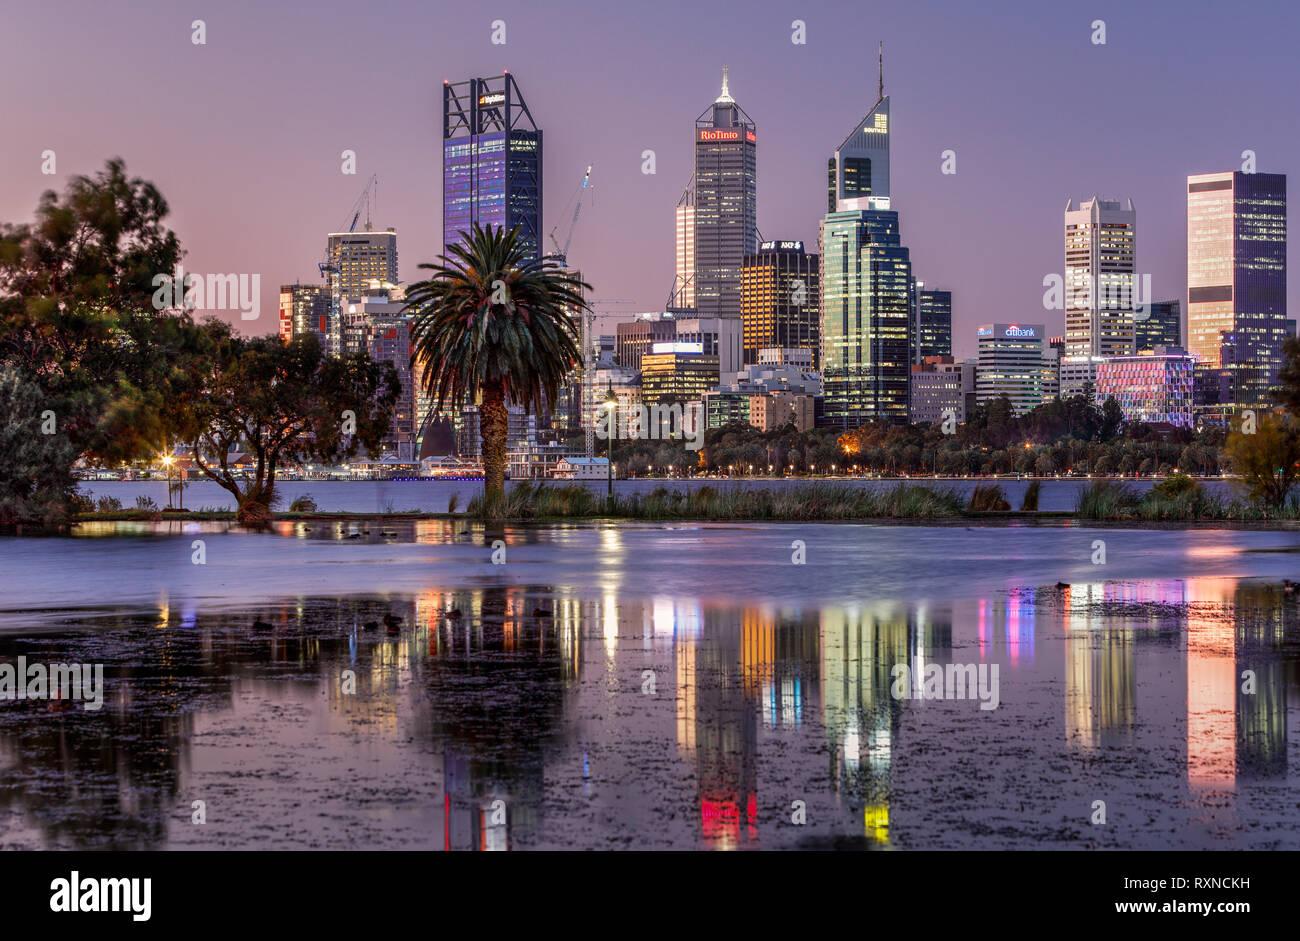 Am Abend Lichter der Stadt Perth, Western Australia. Stockbild